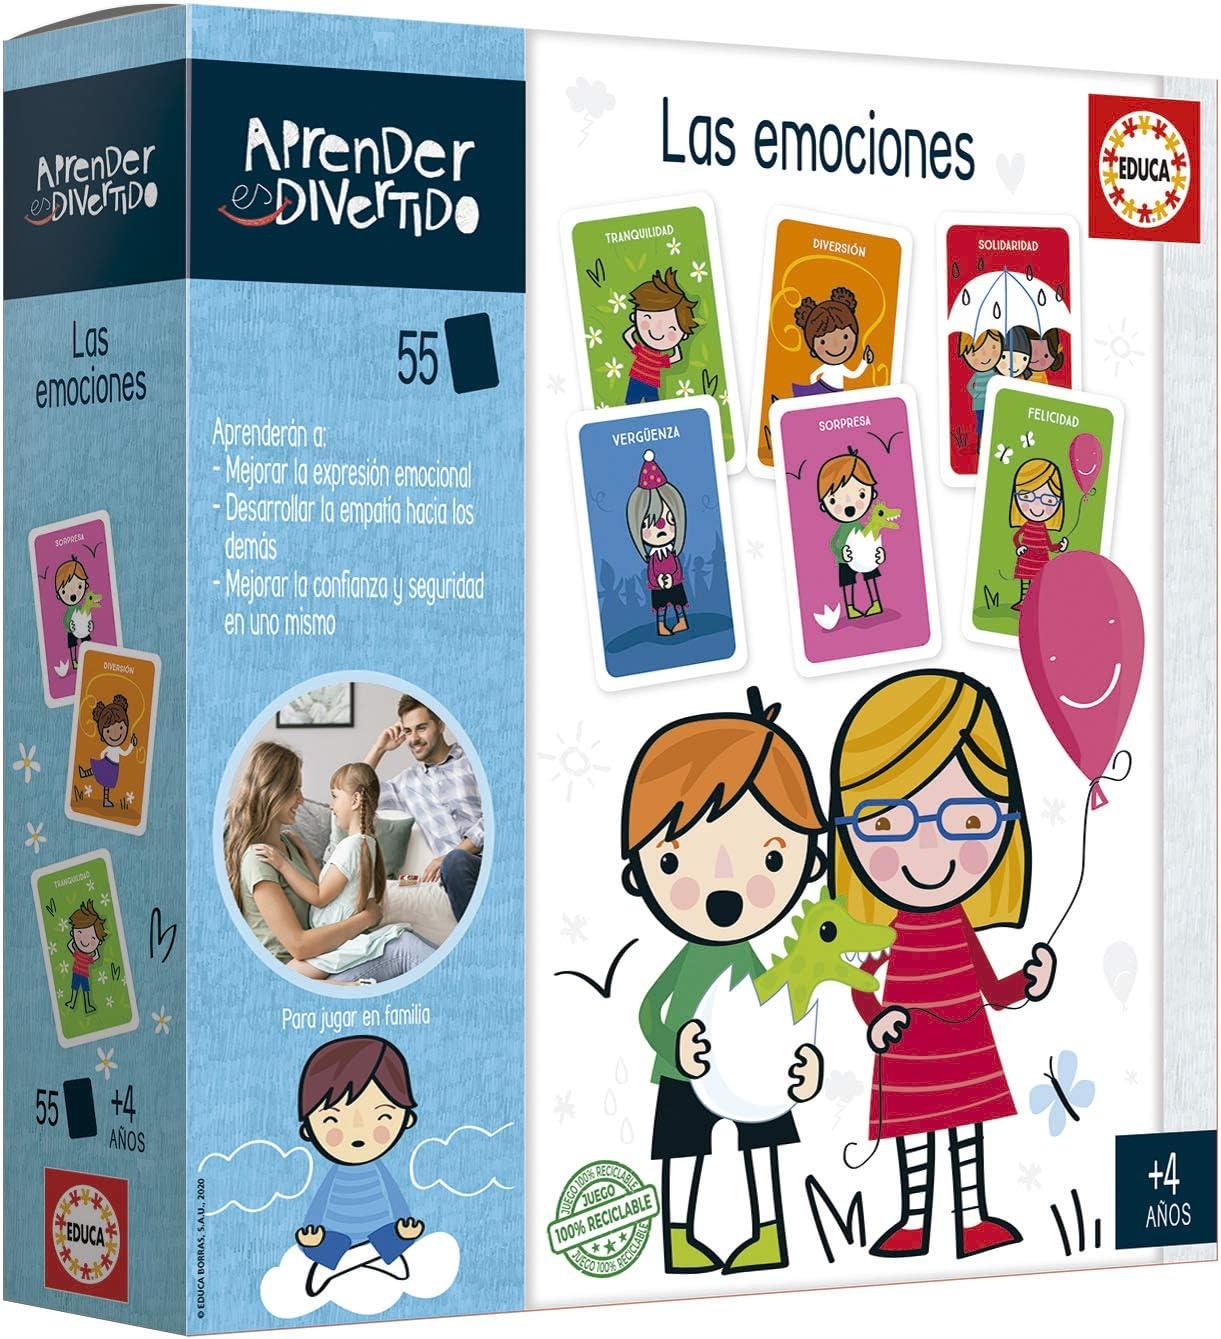 Educa- Aprender es Divertido: Caja Mágica, Aprende a gestionar Las Emociones Juego Educativo para niños, a Partir de 4 años (18706): Amazon.es: Juguetes y juegos